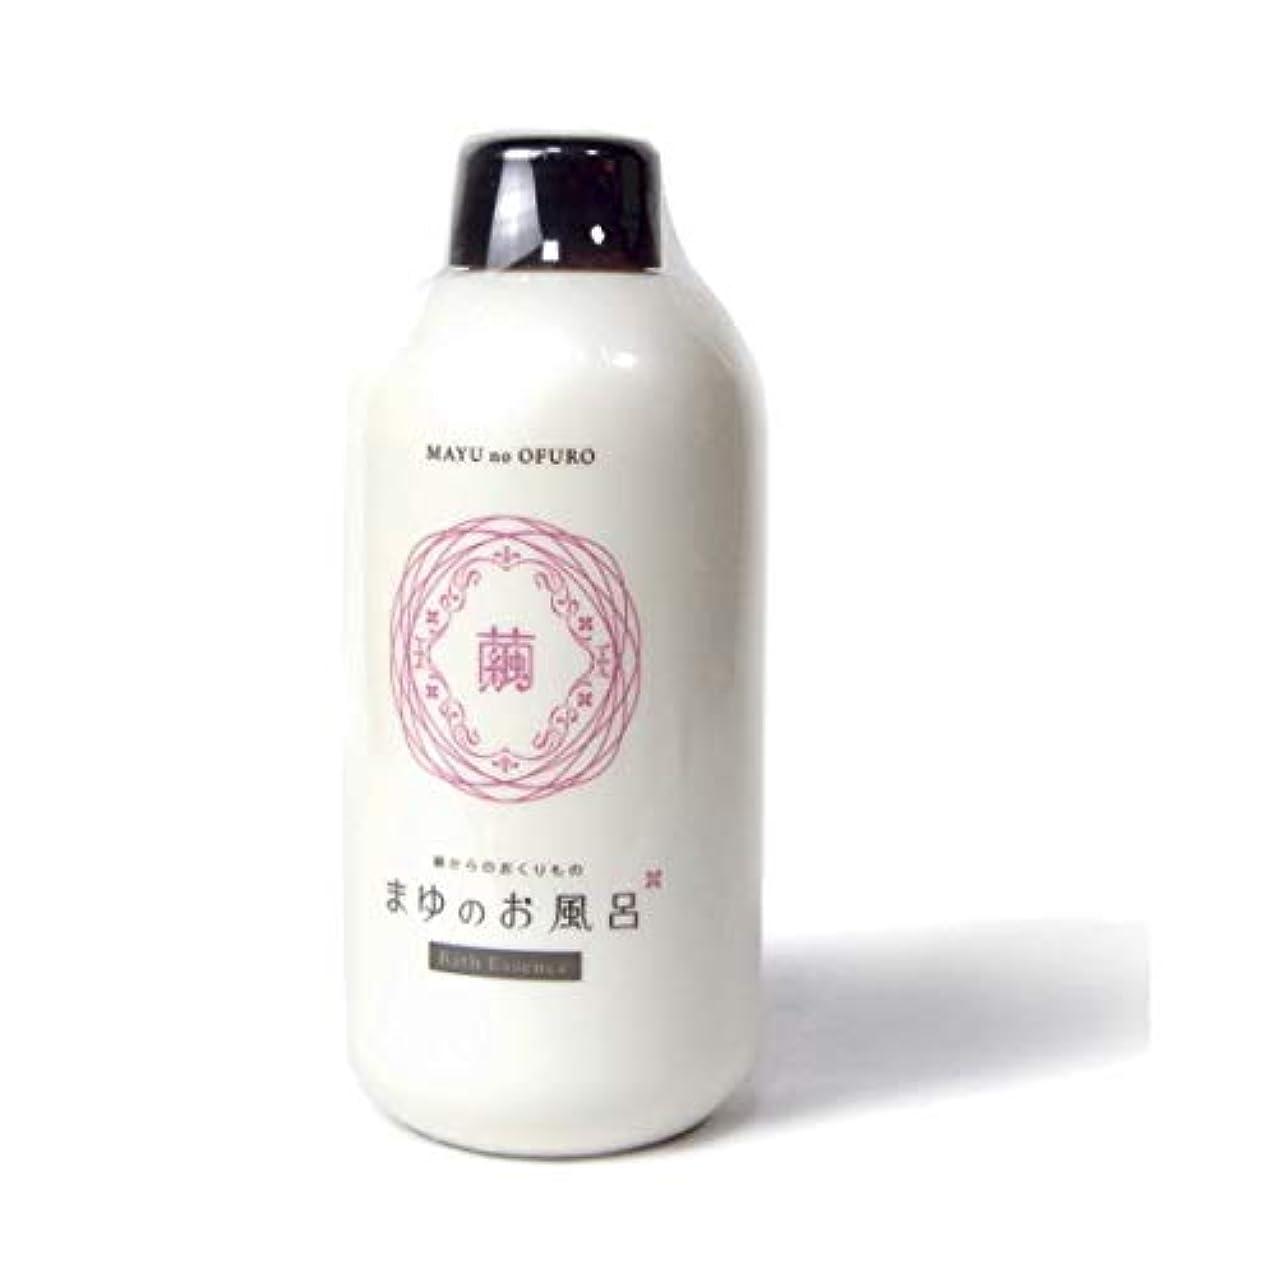 ハイブリッド足レッドデートきぬもよふ まゆシリーズ まゆのお風呂ボトル 480ml(約20回分)